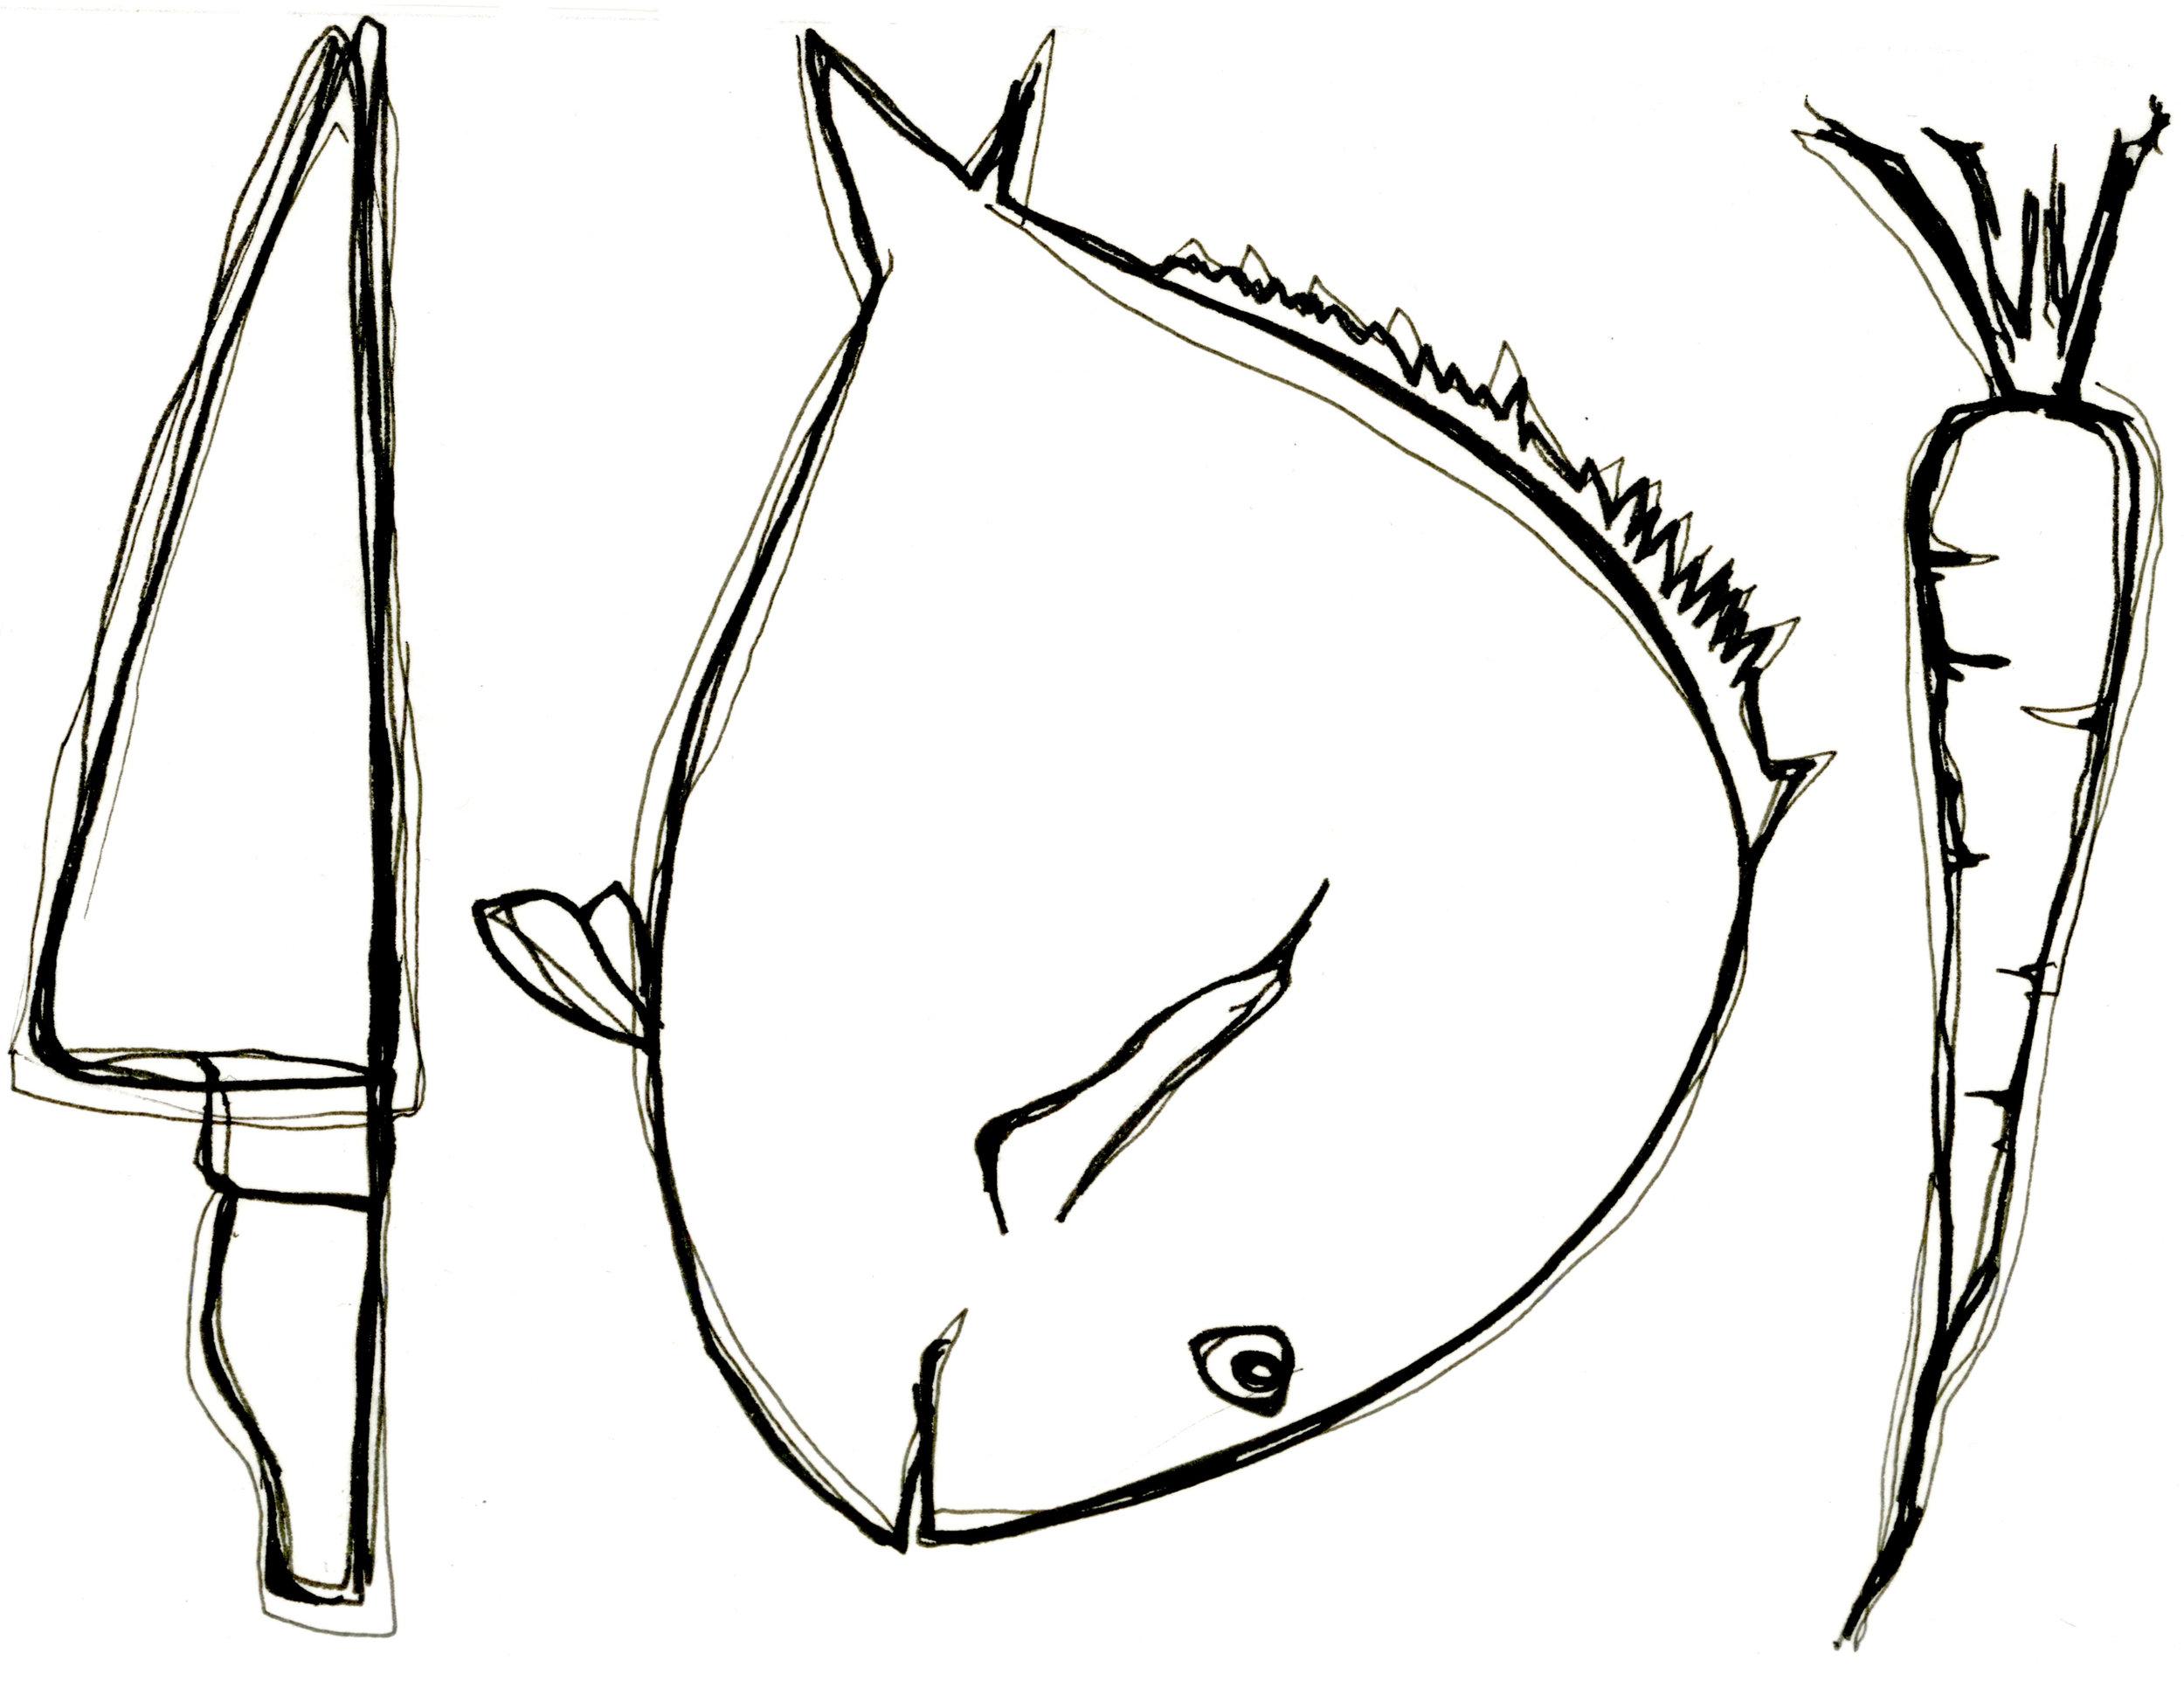 Fish_carrot_knife_.jpg